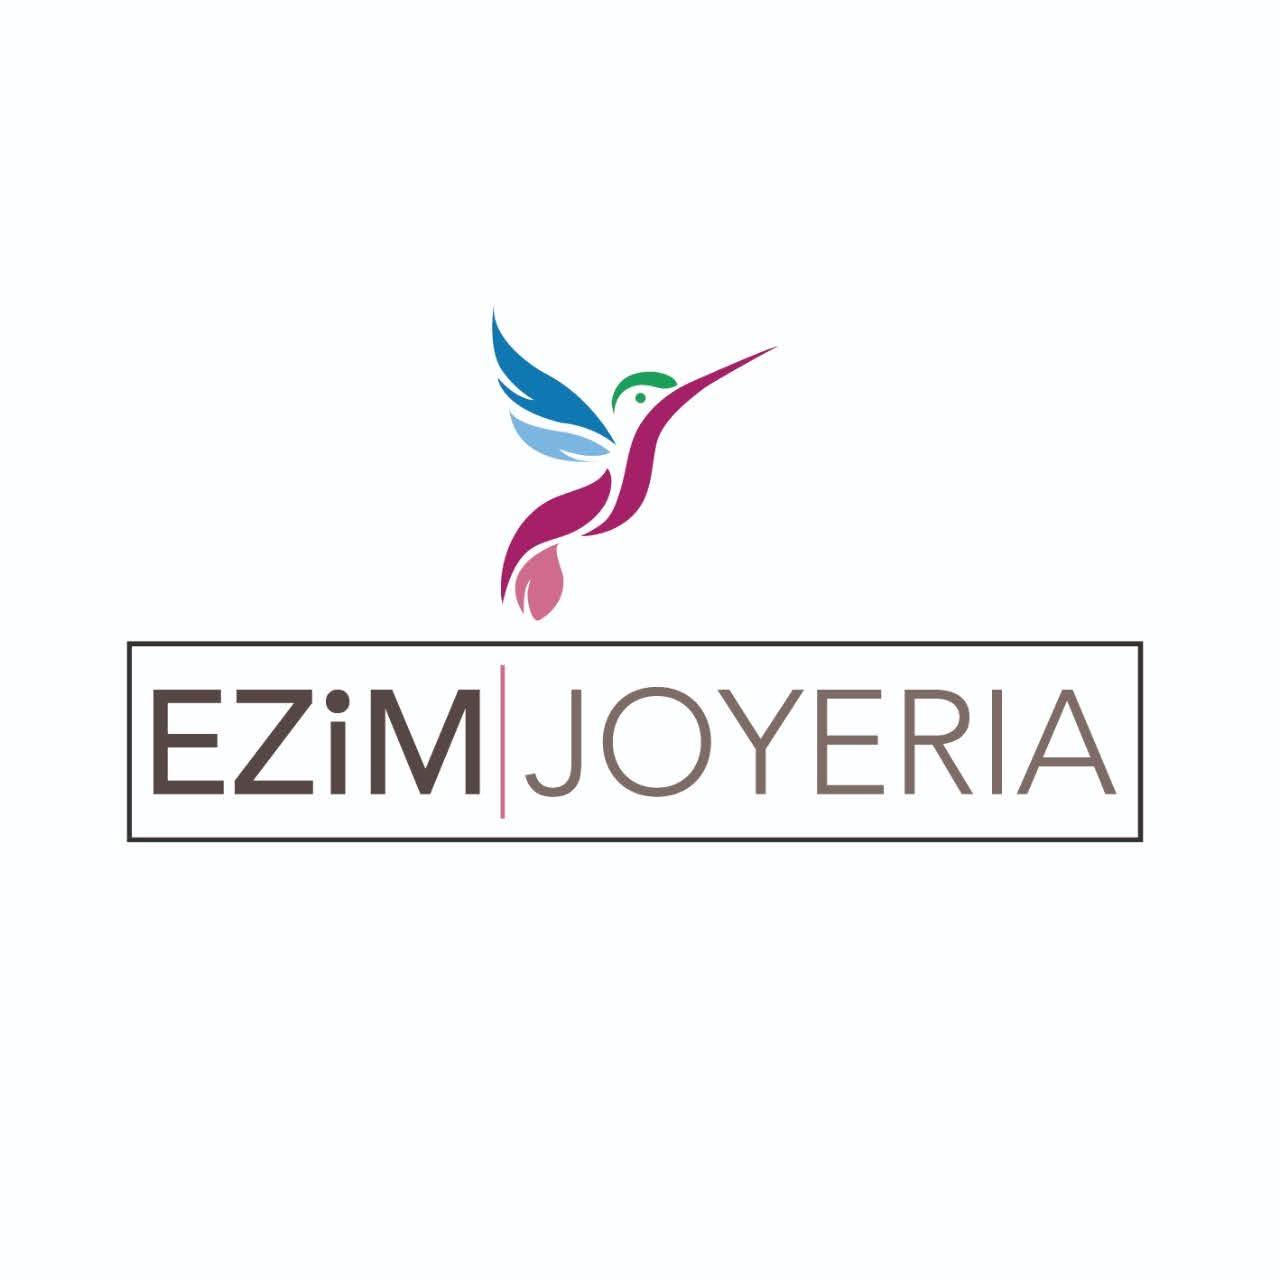 EZiM JOYERIA